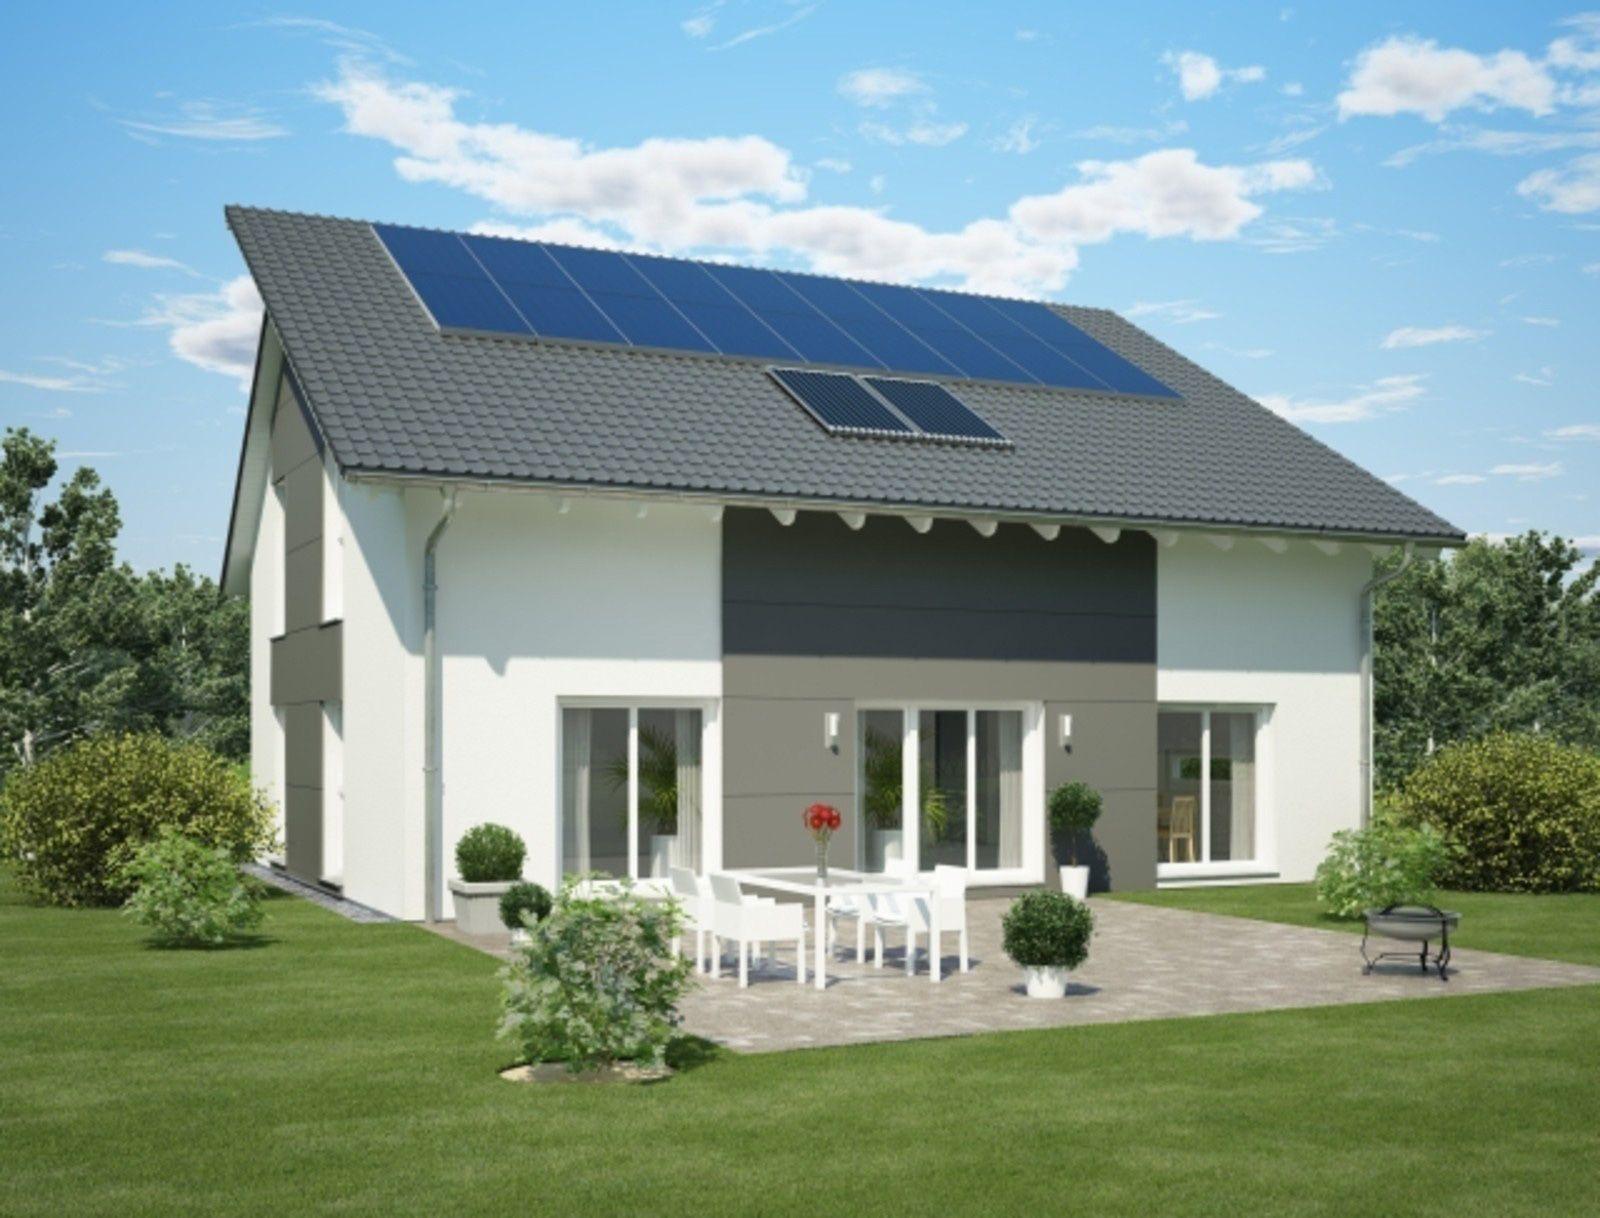 generation5.0 Haus 300 Einfamilienhaus von WeberHaus